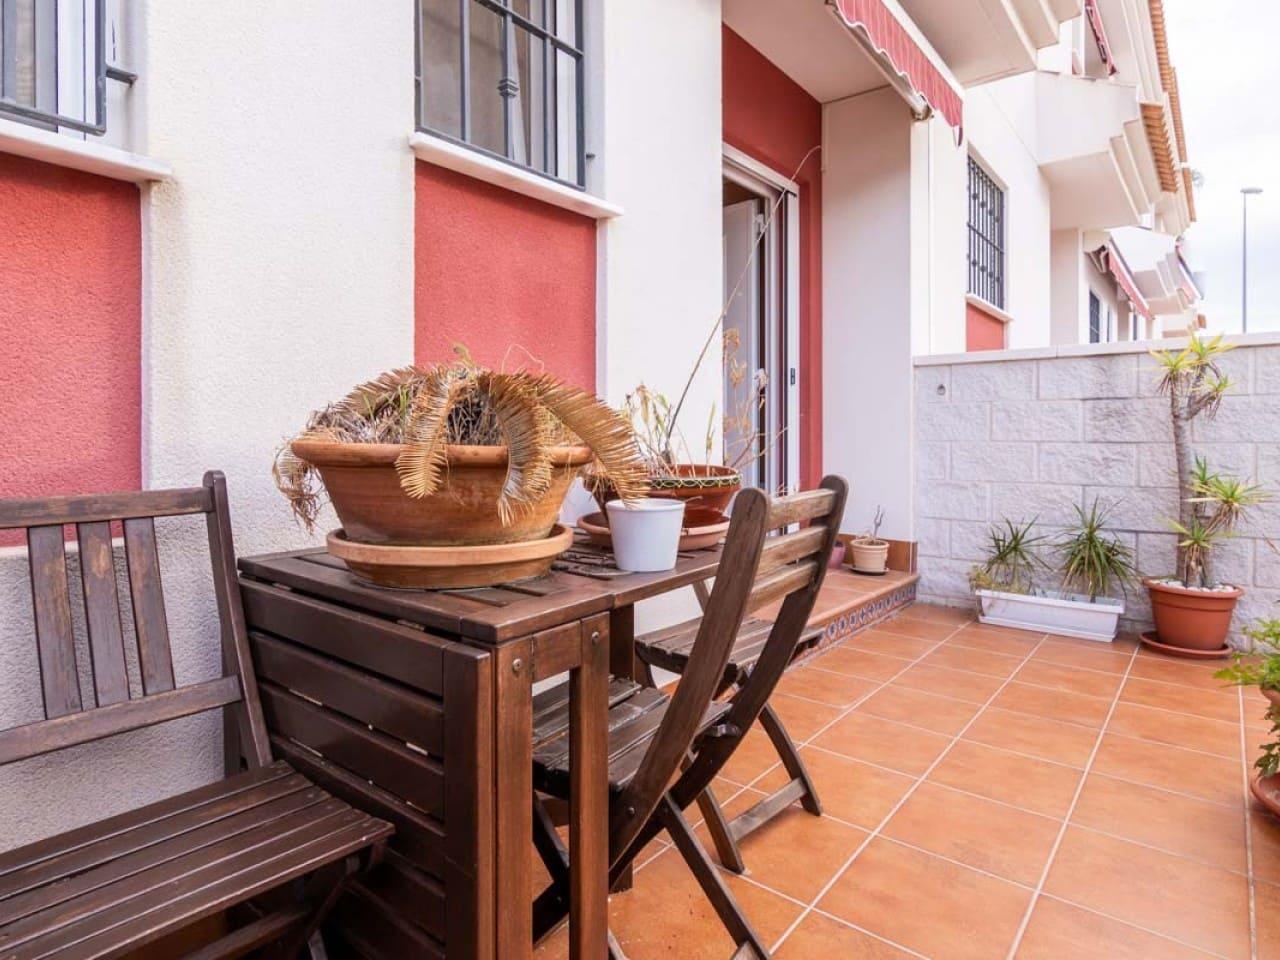 Casa de 3 habitaciones en Benijófar en venta con piscina - 179.000 € (Ref: 4982726)